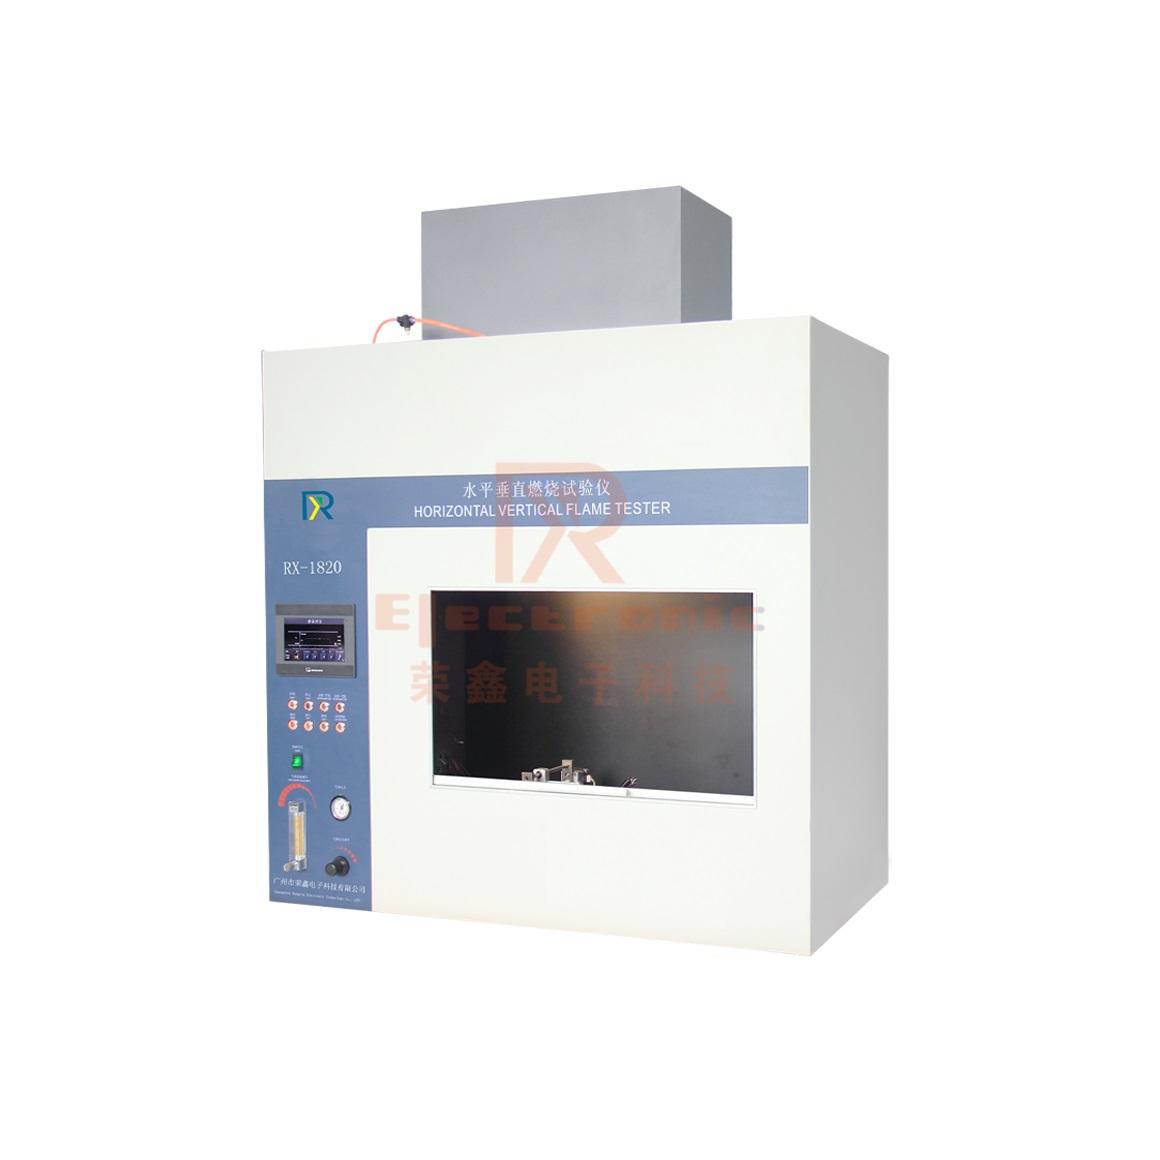 RX1820水平垂直燃烧试验仪一般使用范围-广州市荣鑫电子